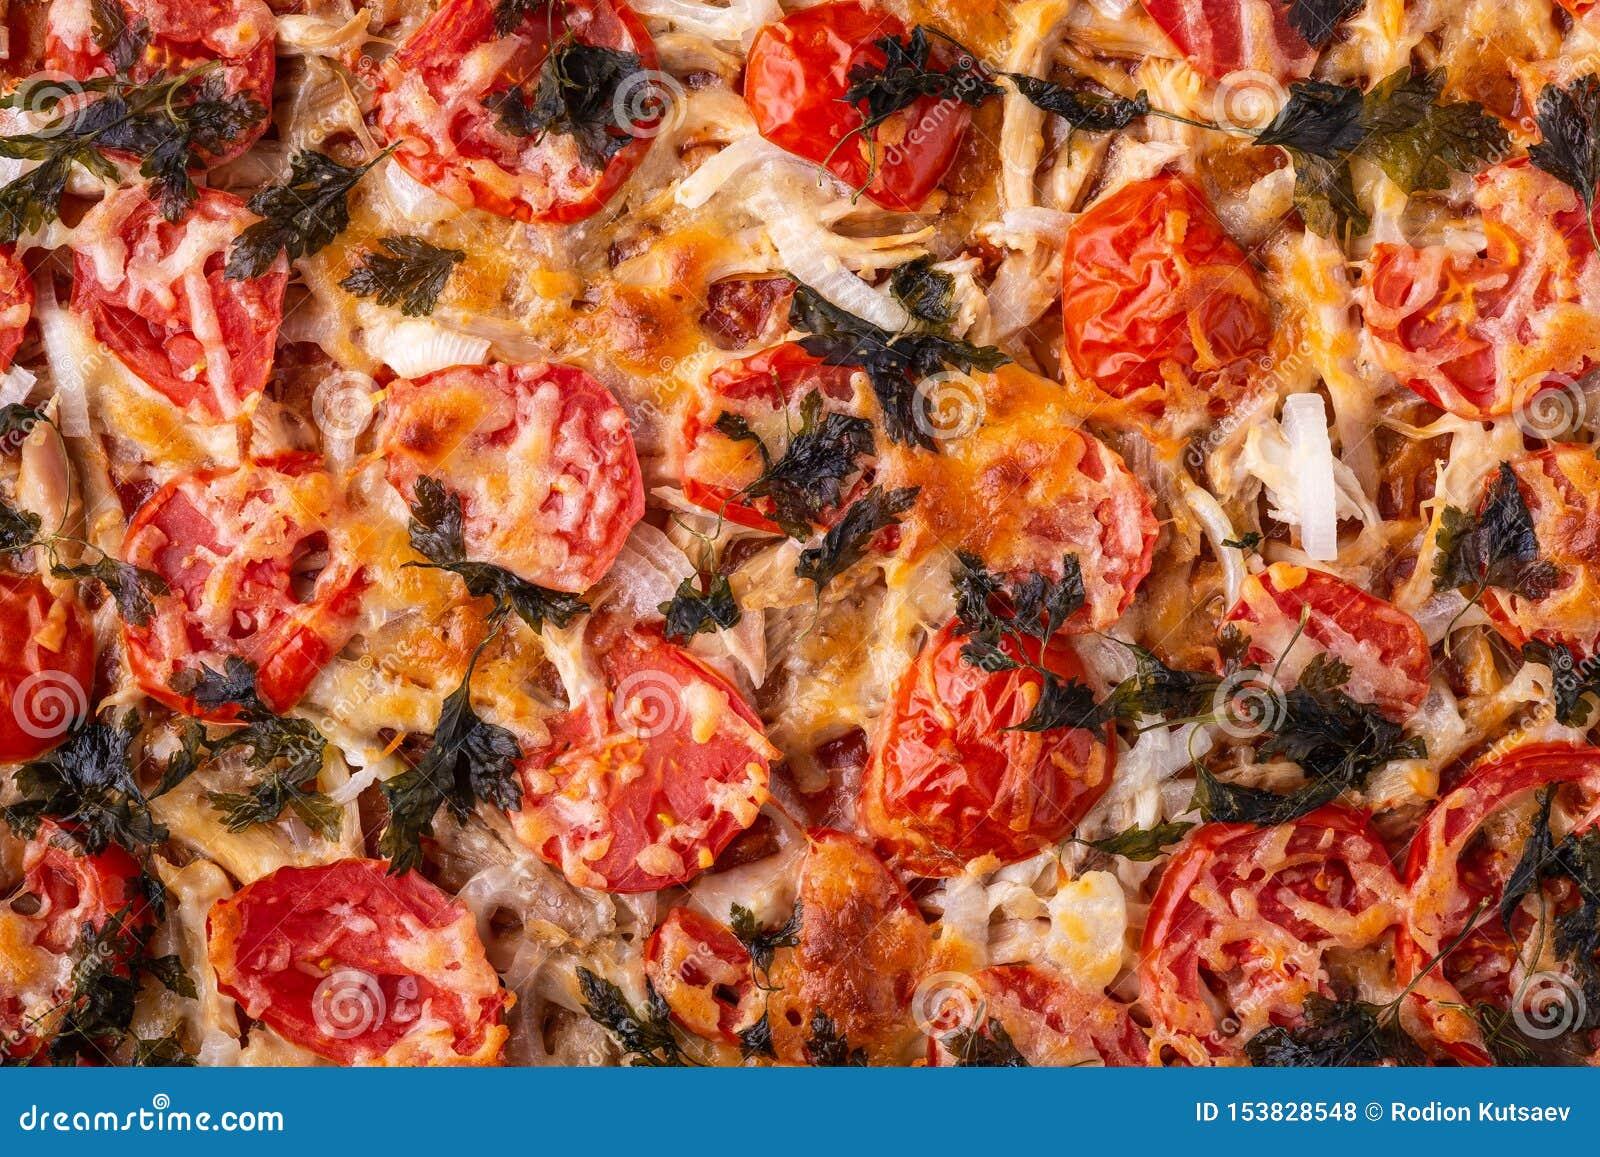 Pizza Avec La Vue Superieure De Texture Faite Maison De Recette De Persil De Tomate De Viande De Poulet De Mozzarella De Fromage Photo Stock Image Du Recette Pizza 153828548